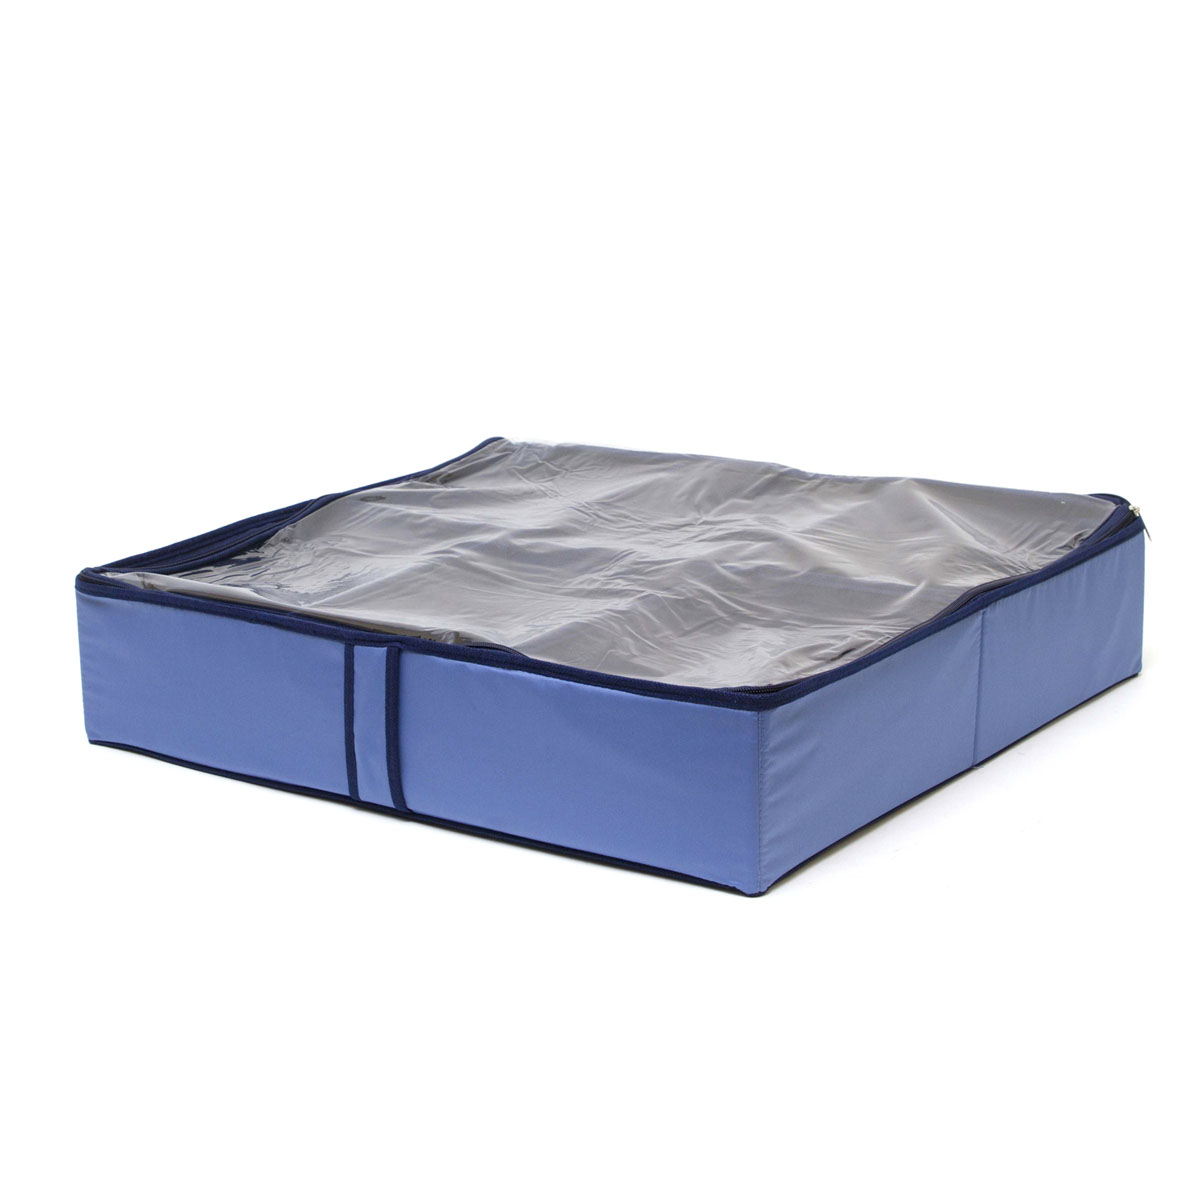 Органайзер для хранения обуви Homsu Bluе Sky, 6 секций, 56 х 52 х 12 смHOM-59Компактный складной органайзер Homsu Pletenka изготовлен из высококачественного полиэстера, который обеспечивает естественную вентиляцию. Материал позволяет воздуху свободно проникать внутрь, но не пропускает пыль. Органайзер отлично держит форму, благодаря вставкам из плотного картона. Изделие имеет 6 секций для хранения обуви.Такой органайзер позволит вам хранить вещи компактно и удобно. Размер секции: 20 х 32 см.